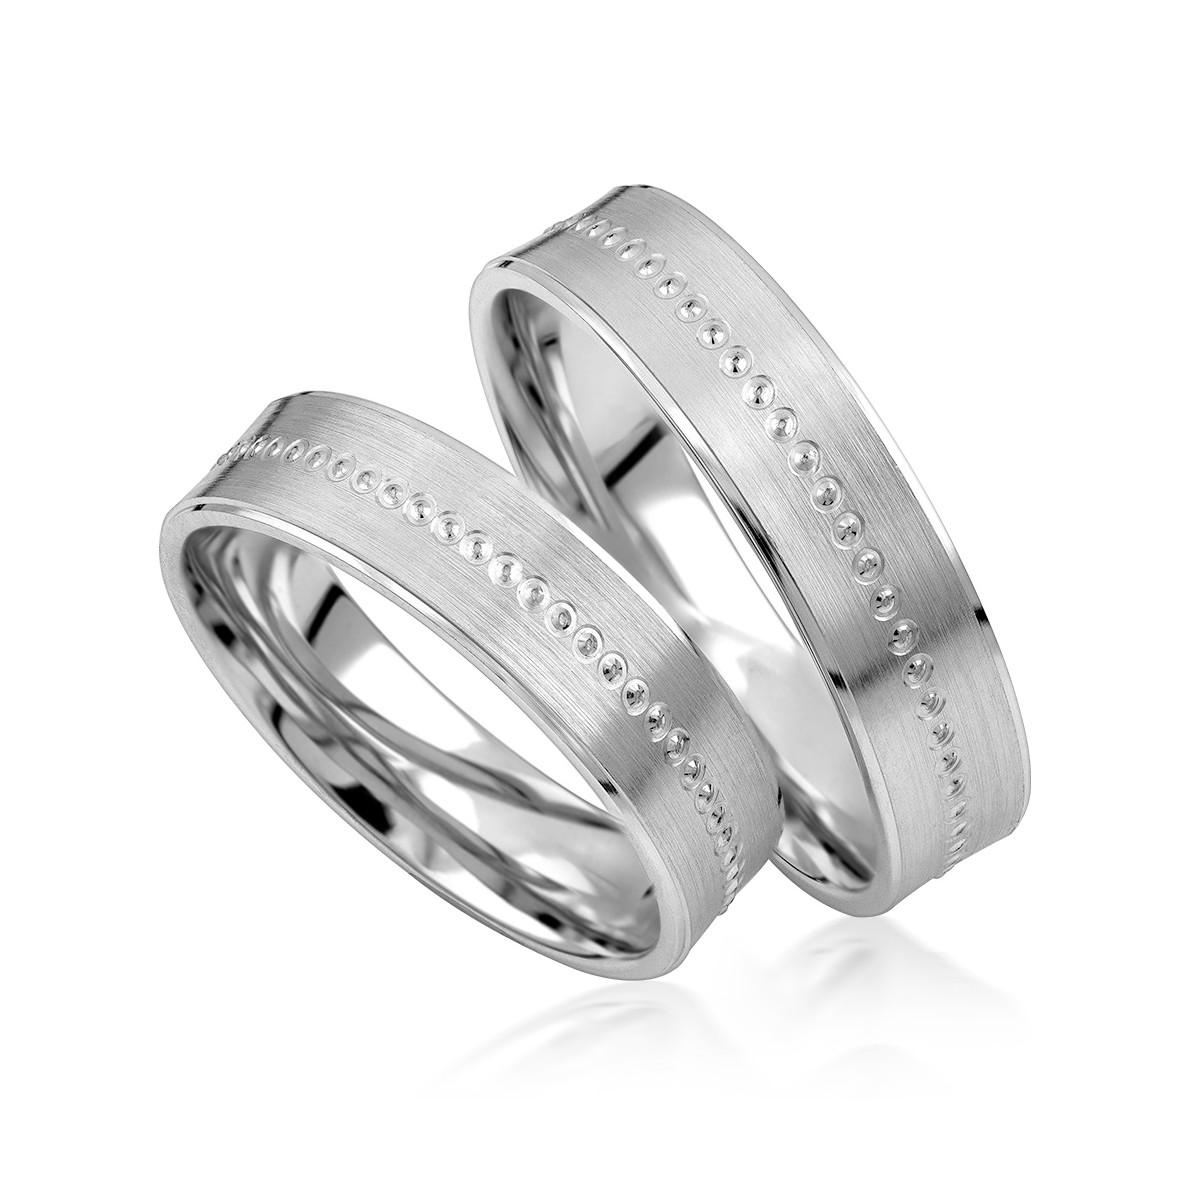 Eheringe Trauringe Freundschaftsringe Silber 925 Verlobungsringe